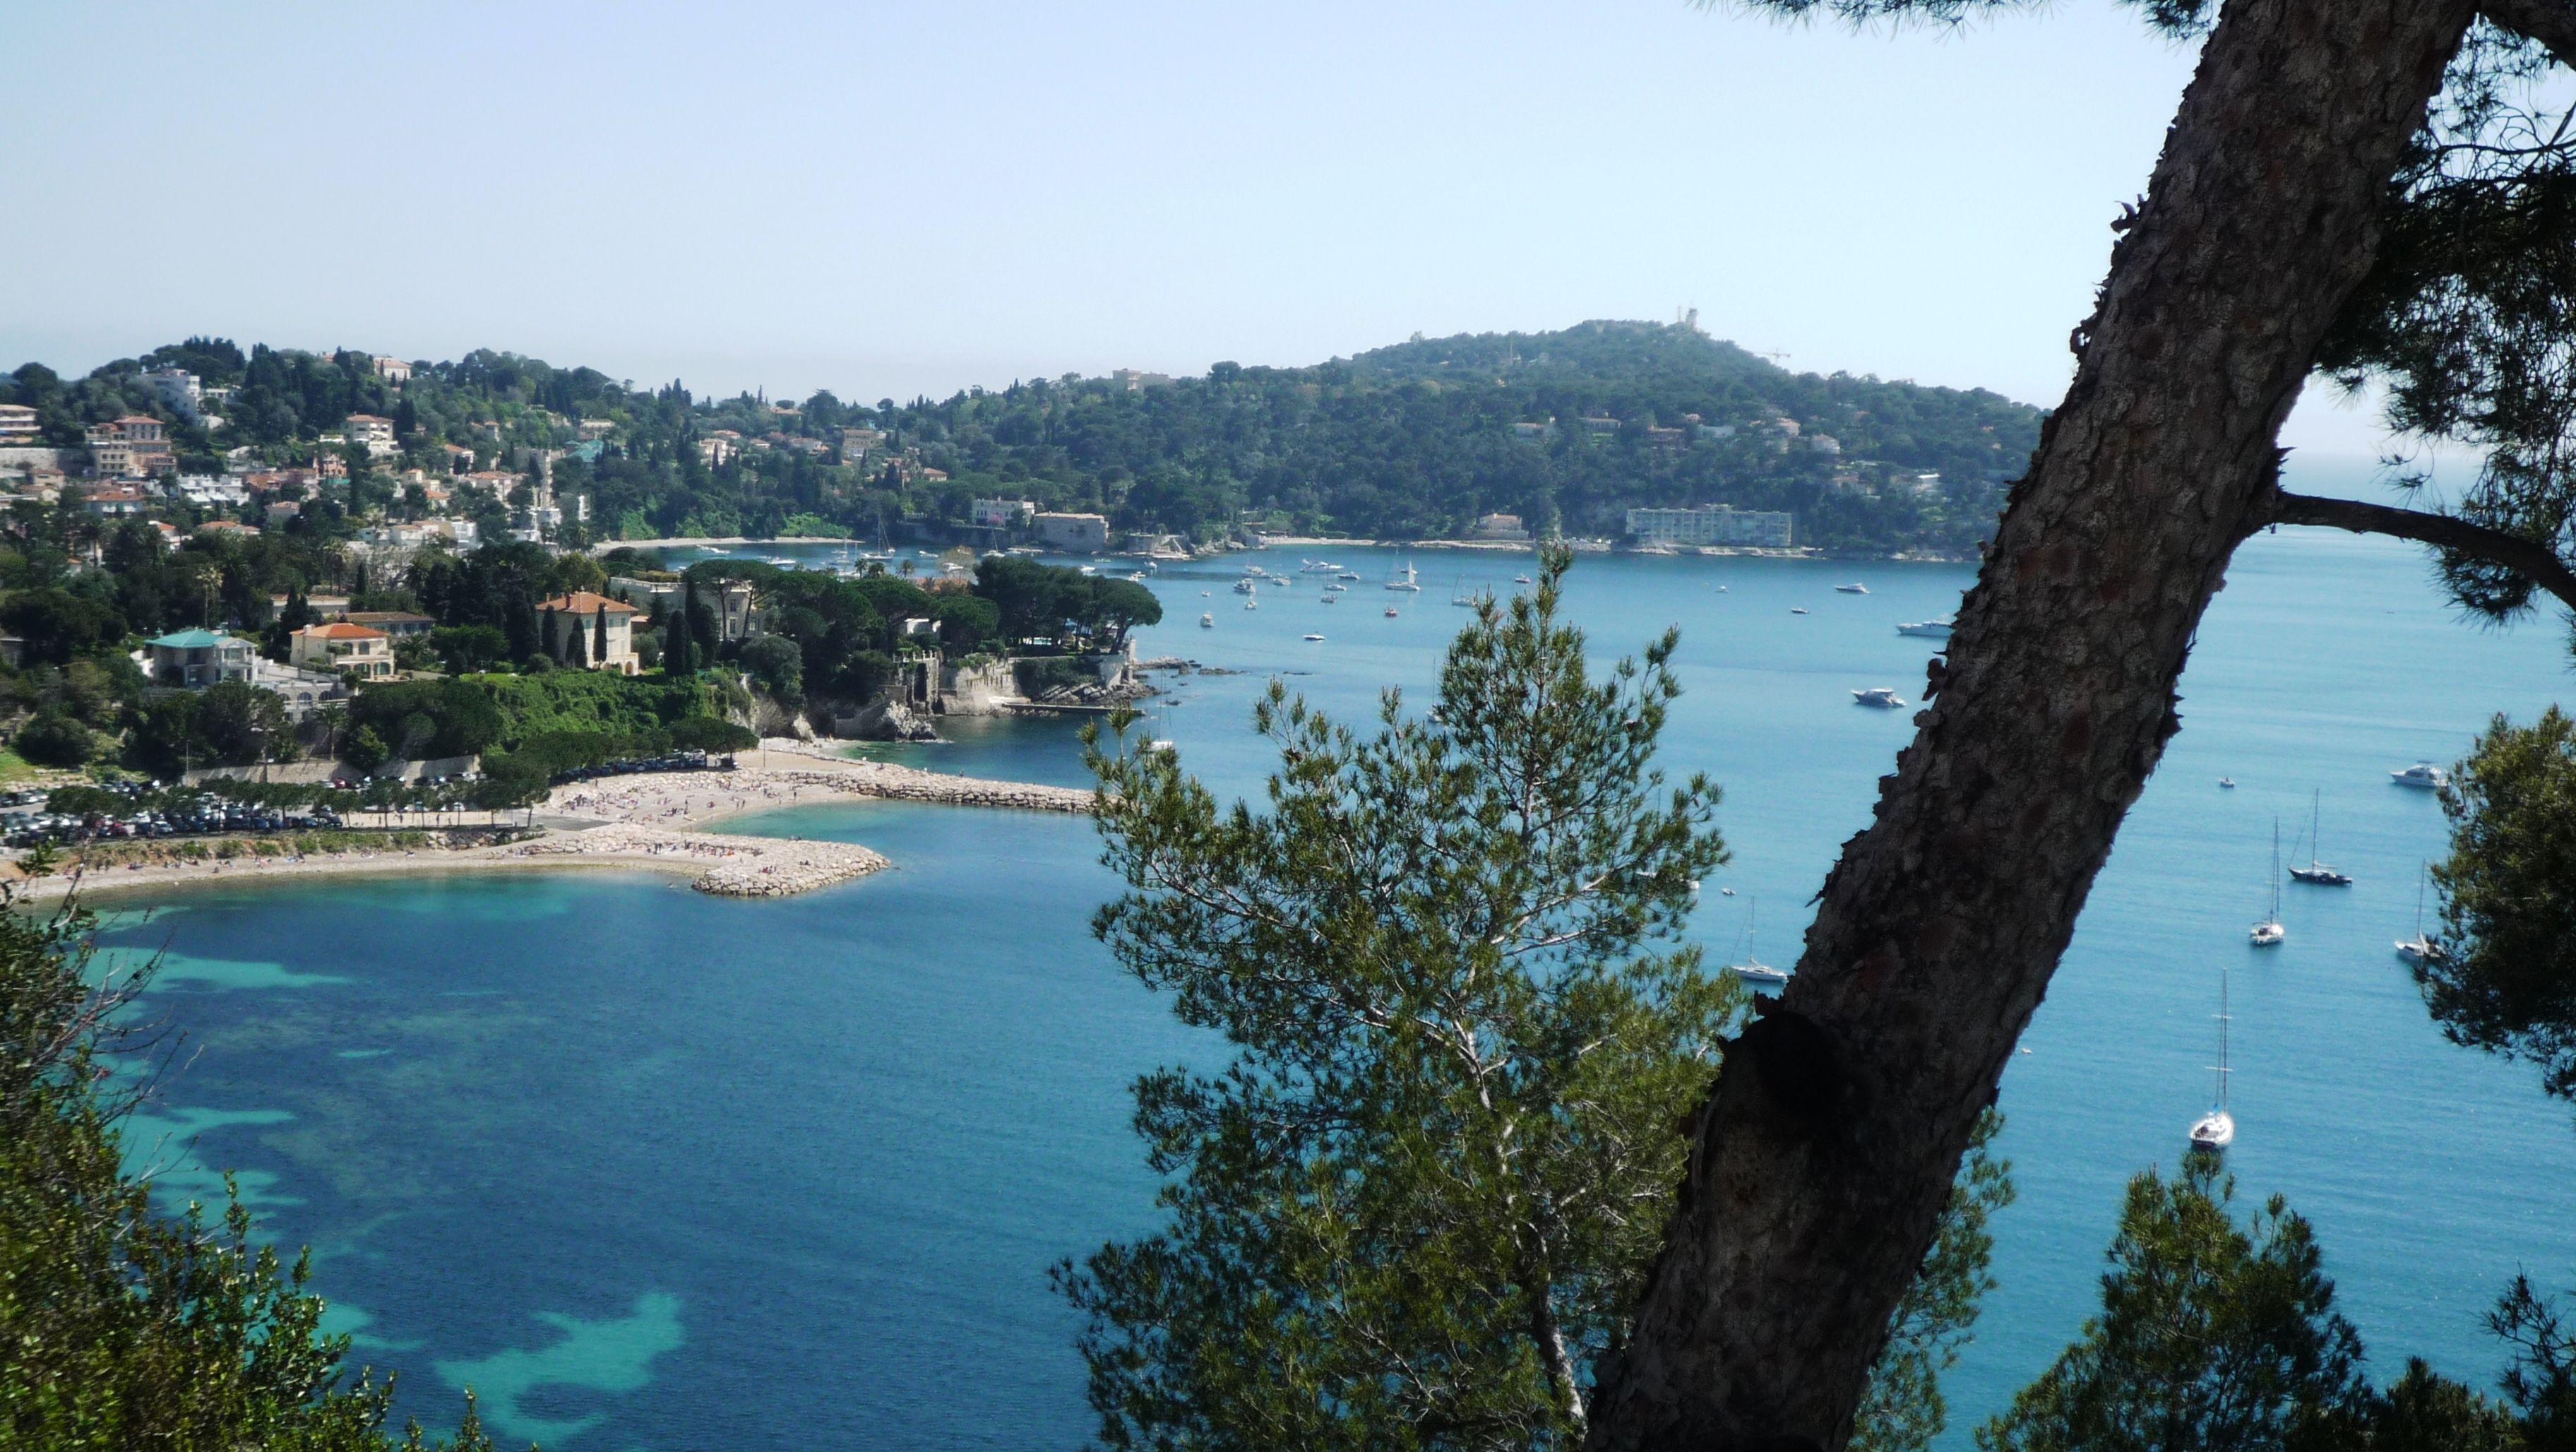 Eze sur Mer-Côte d'Azur-France